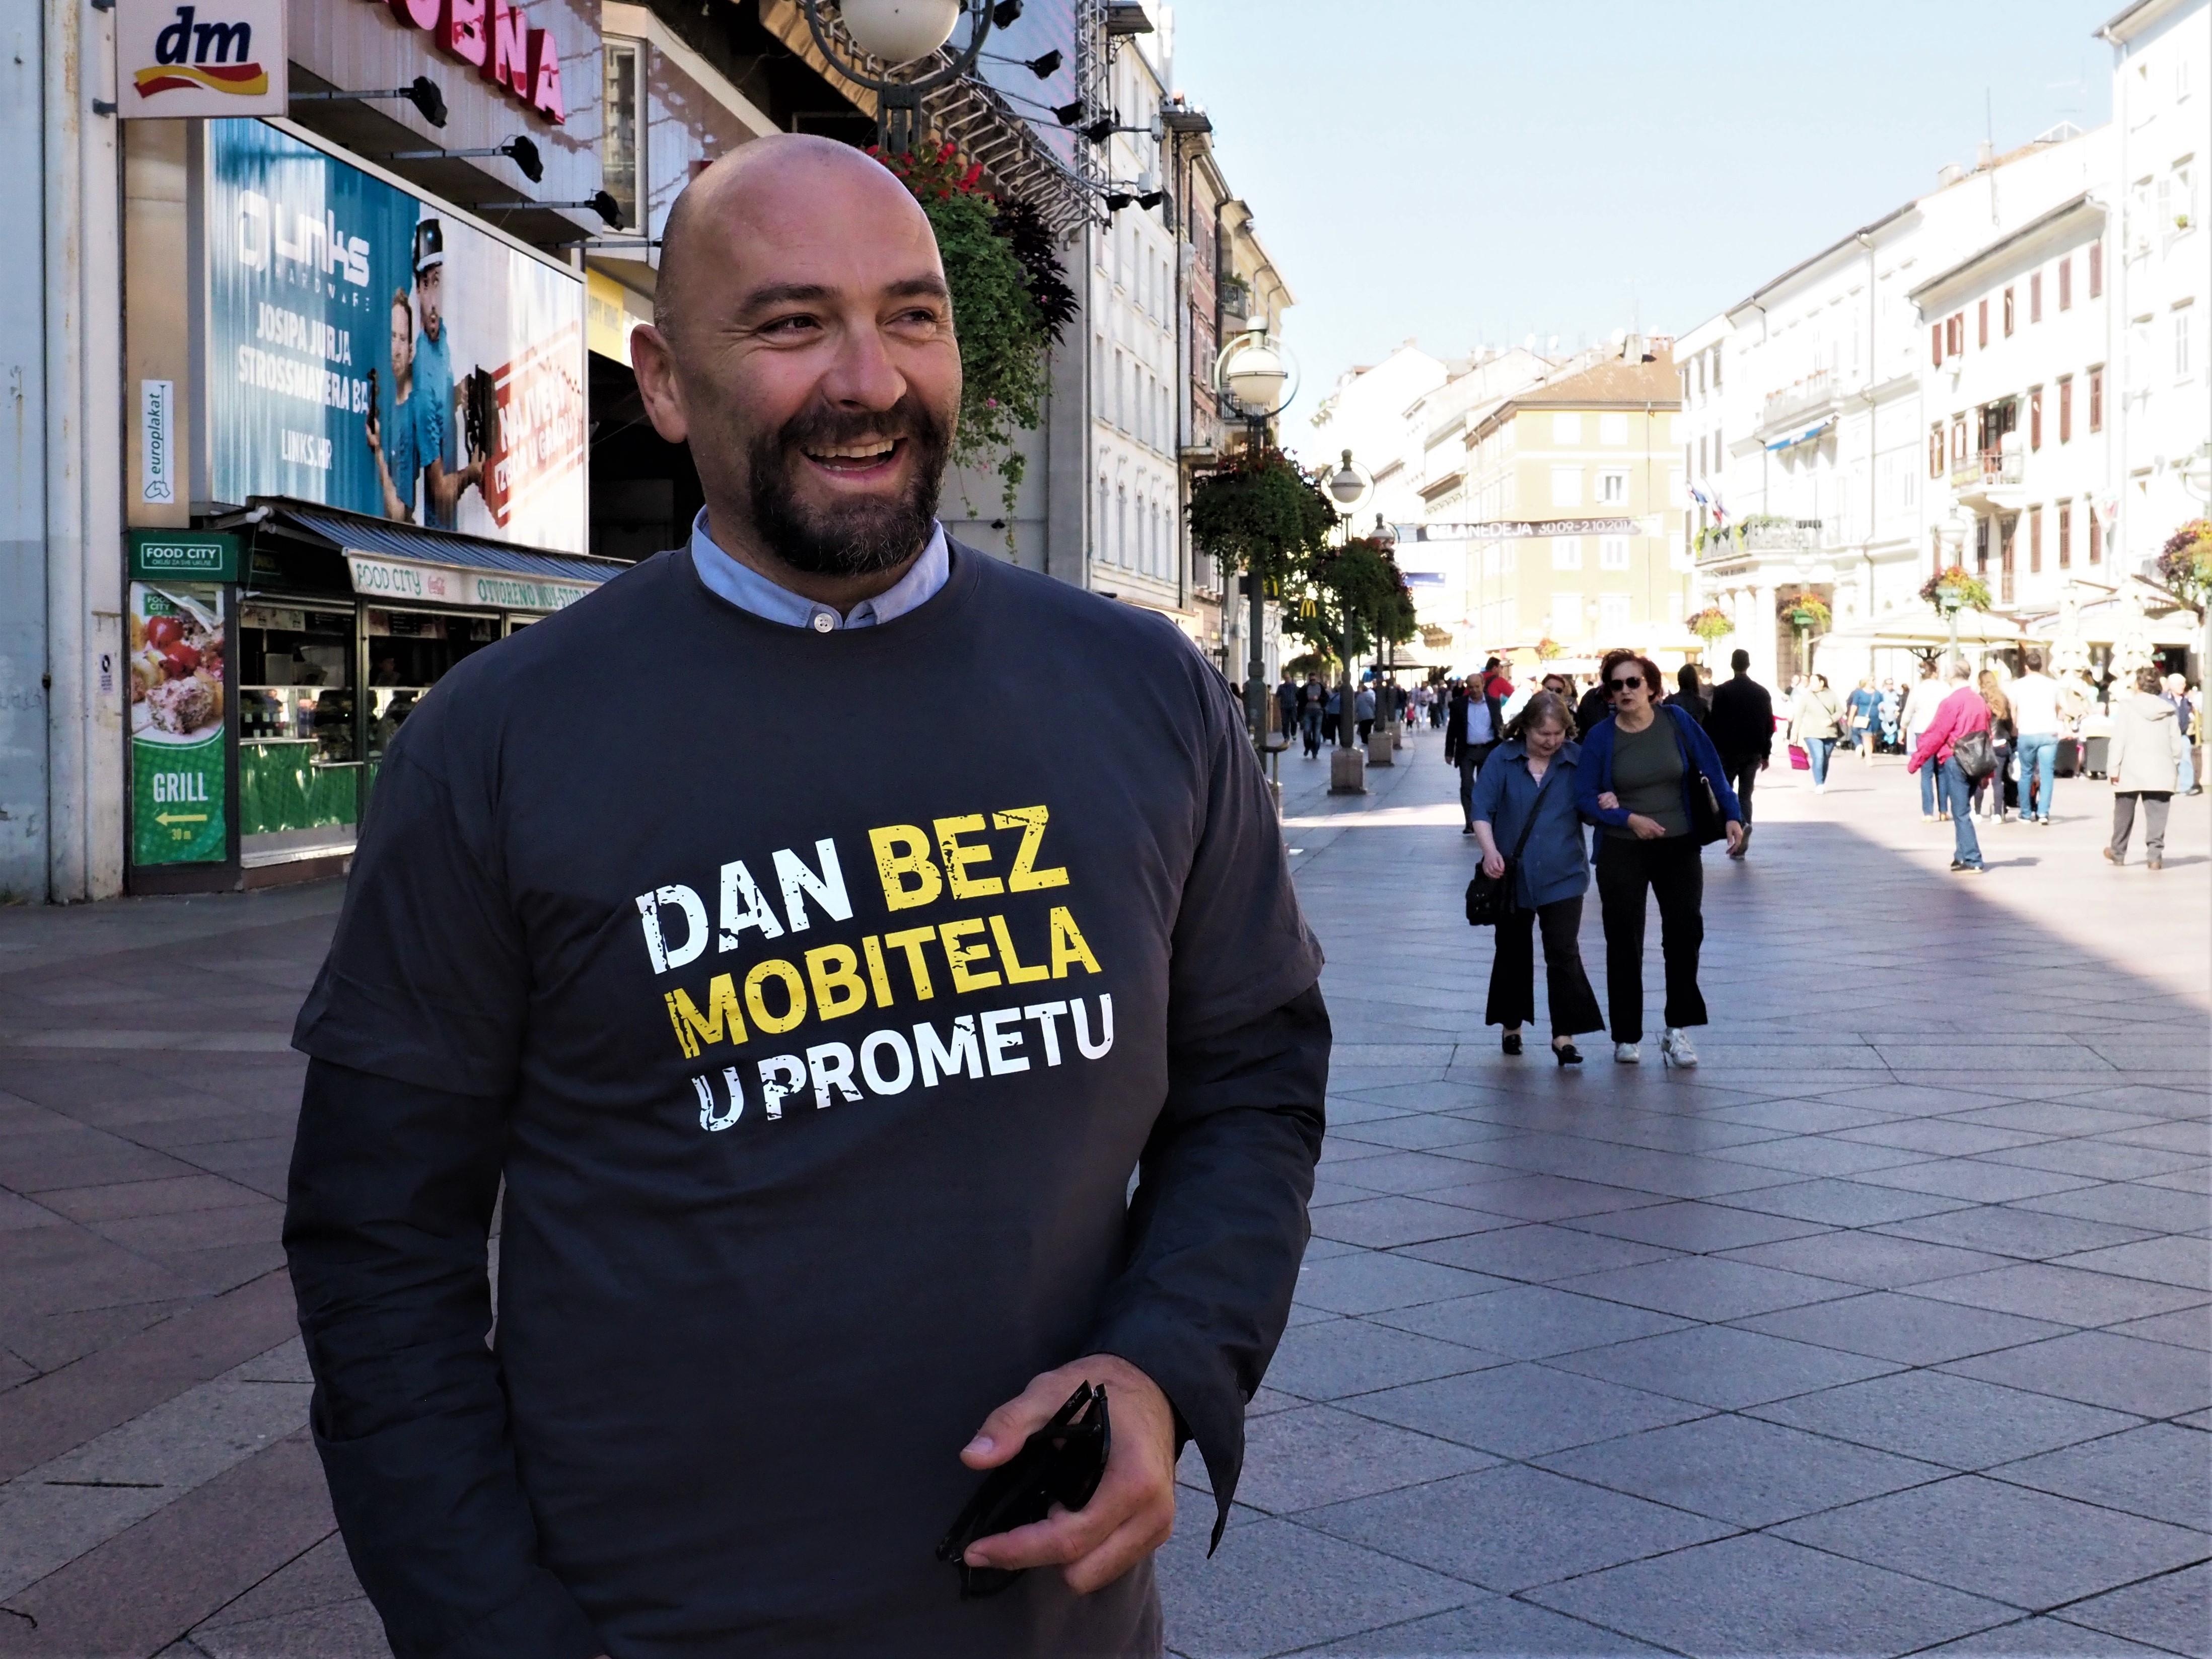 Samir Barać, Riječki sportski savez, Rijeka, aplikacija, Dan bez mobitela u prometu, mobitel, kampanja